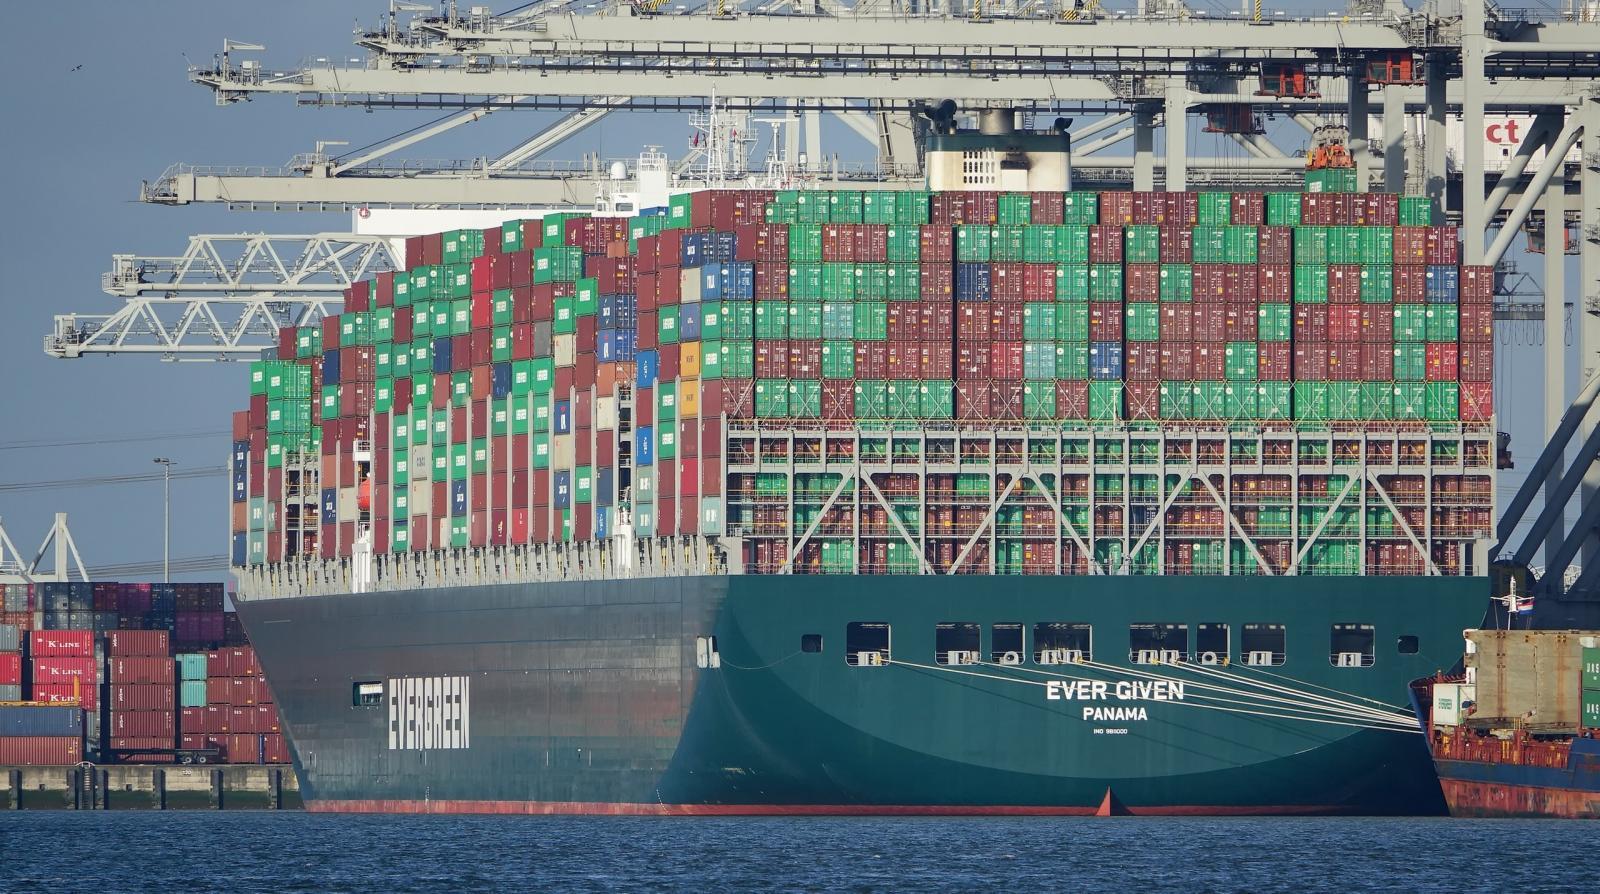 เรือขนส่งขนาดยักษ์ Ever Given ใหญ่กว่าไททานิค สูงกว่าหอไอเฟล